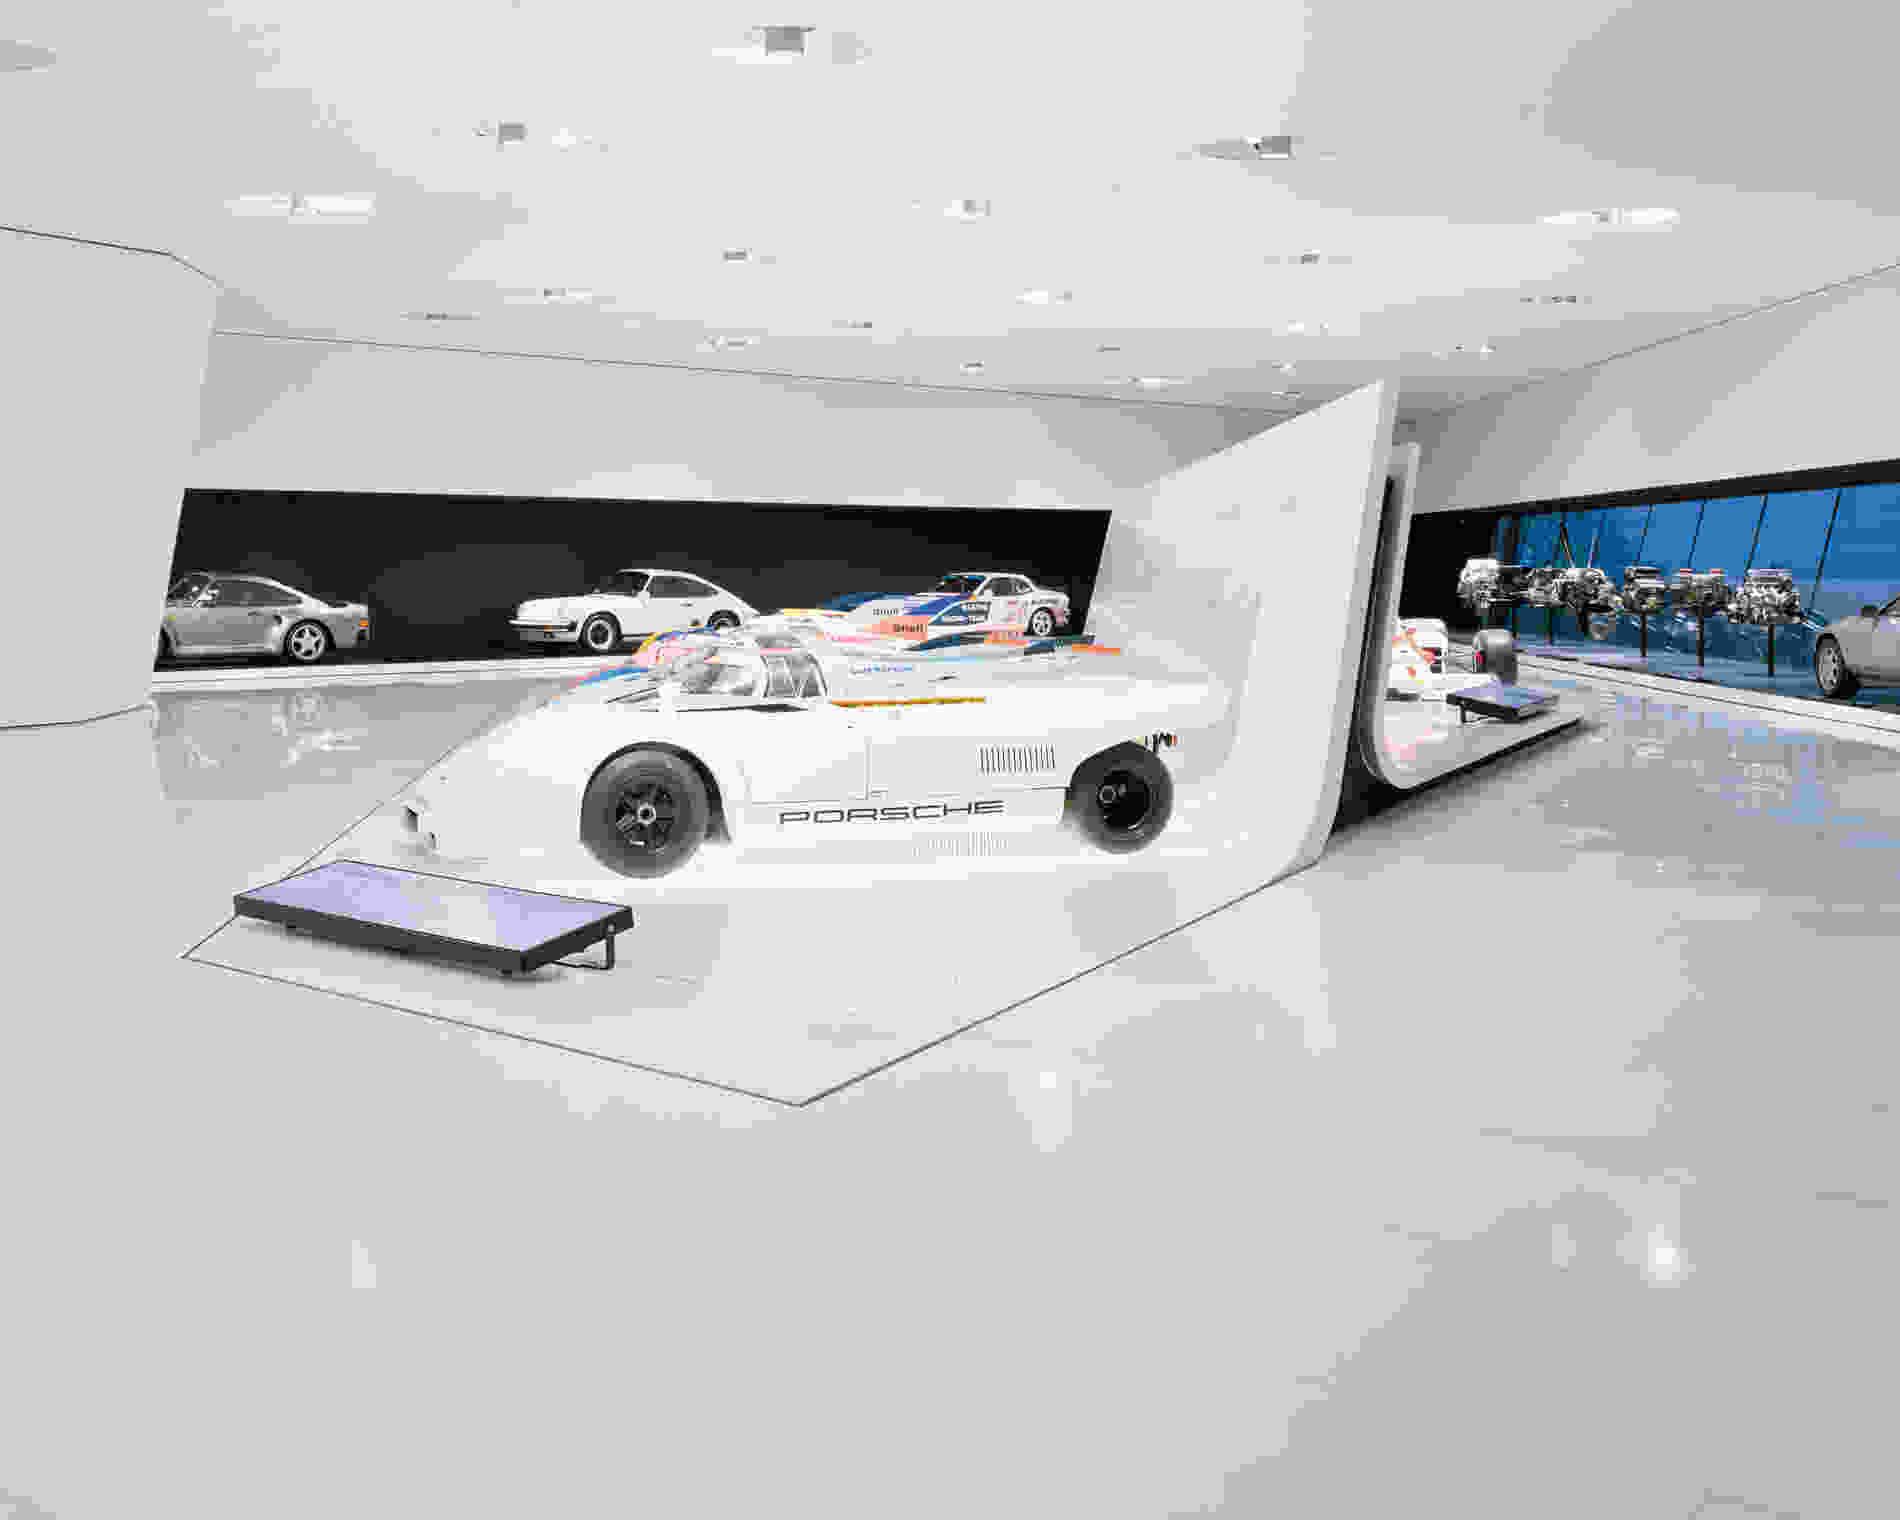 135 Porsche Museum Brigida González 021 interior exhibition